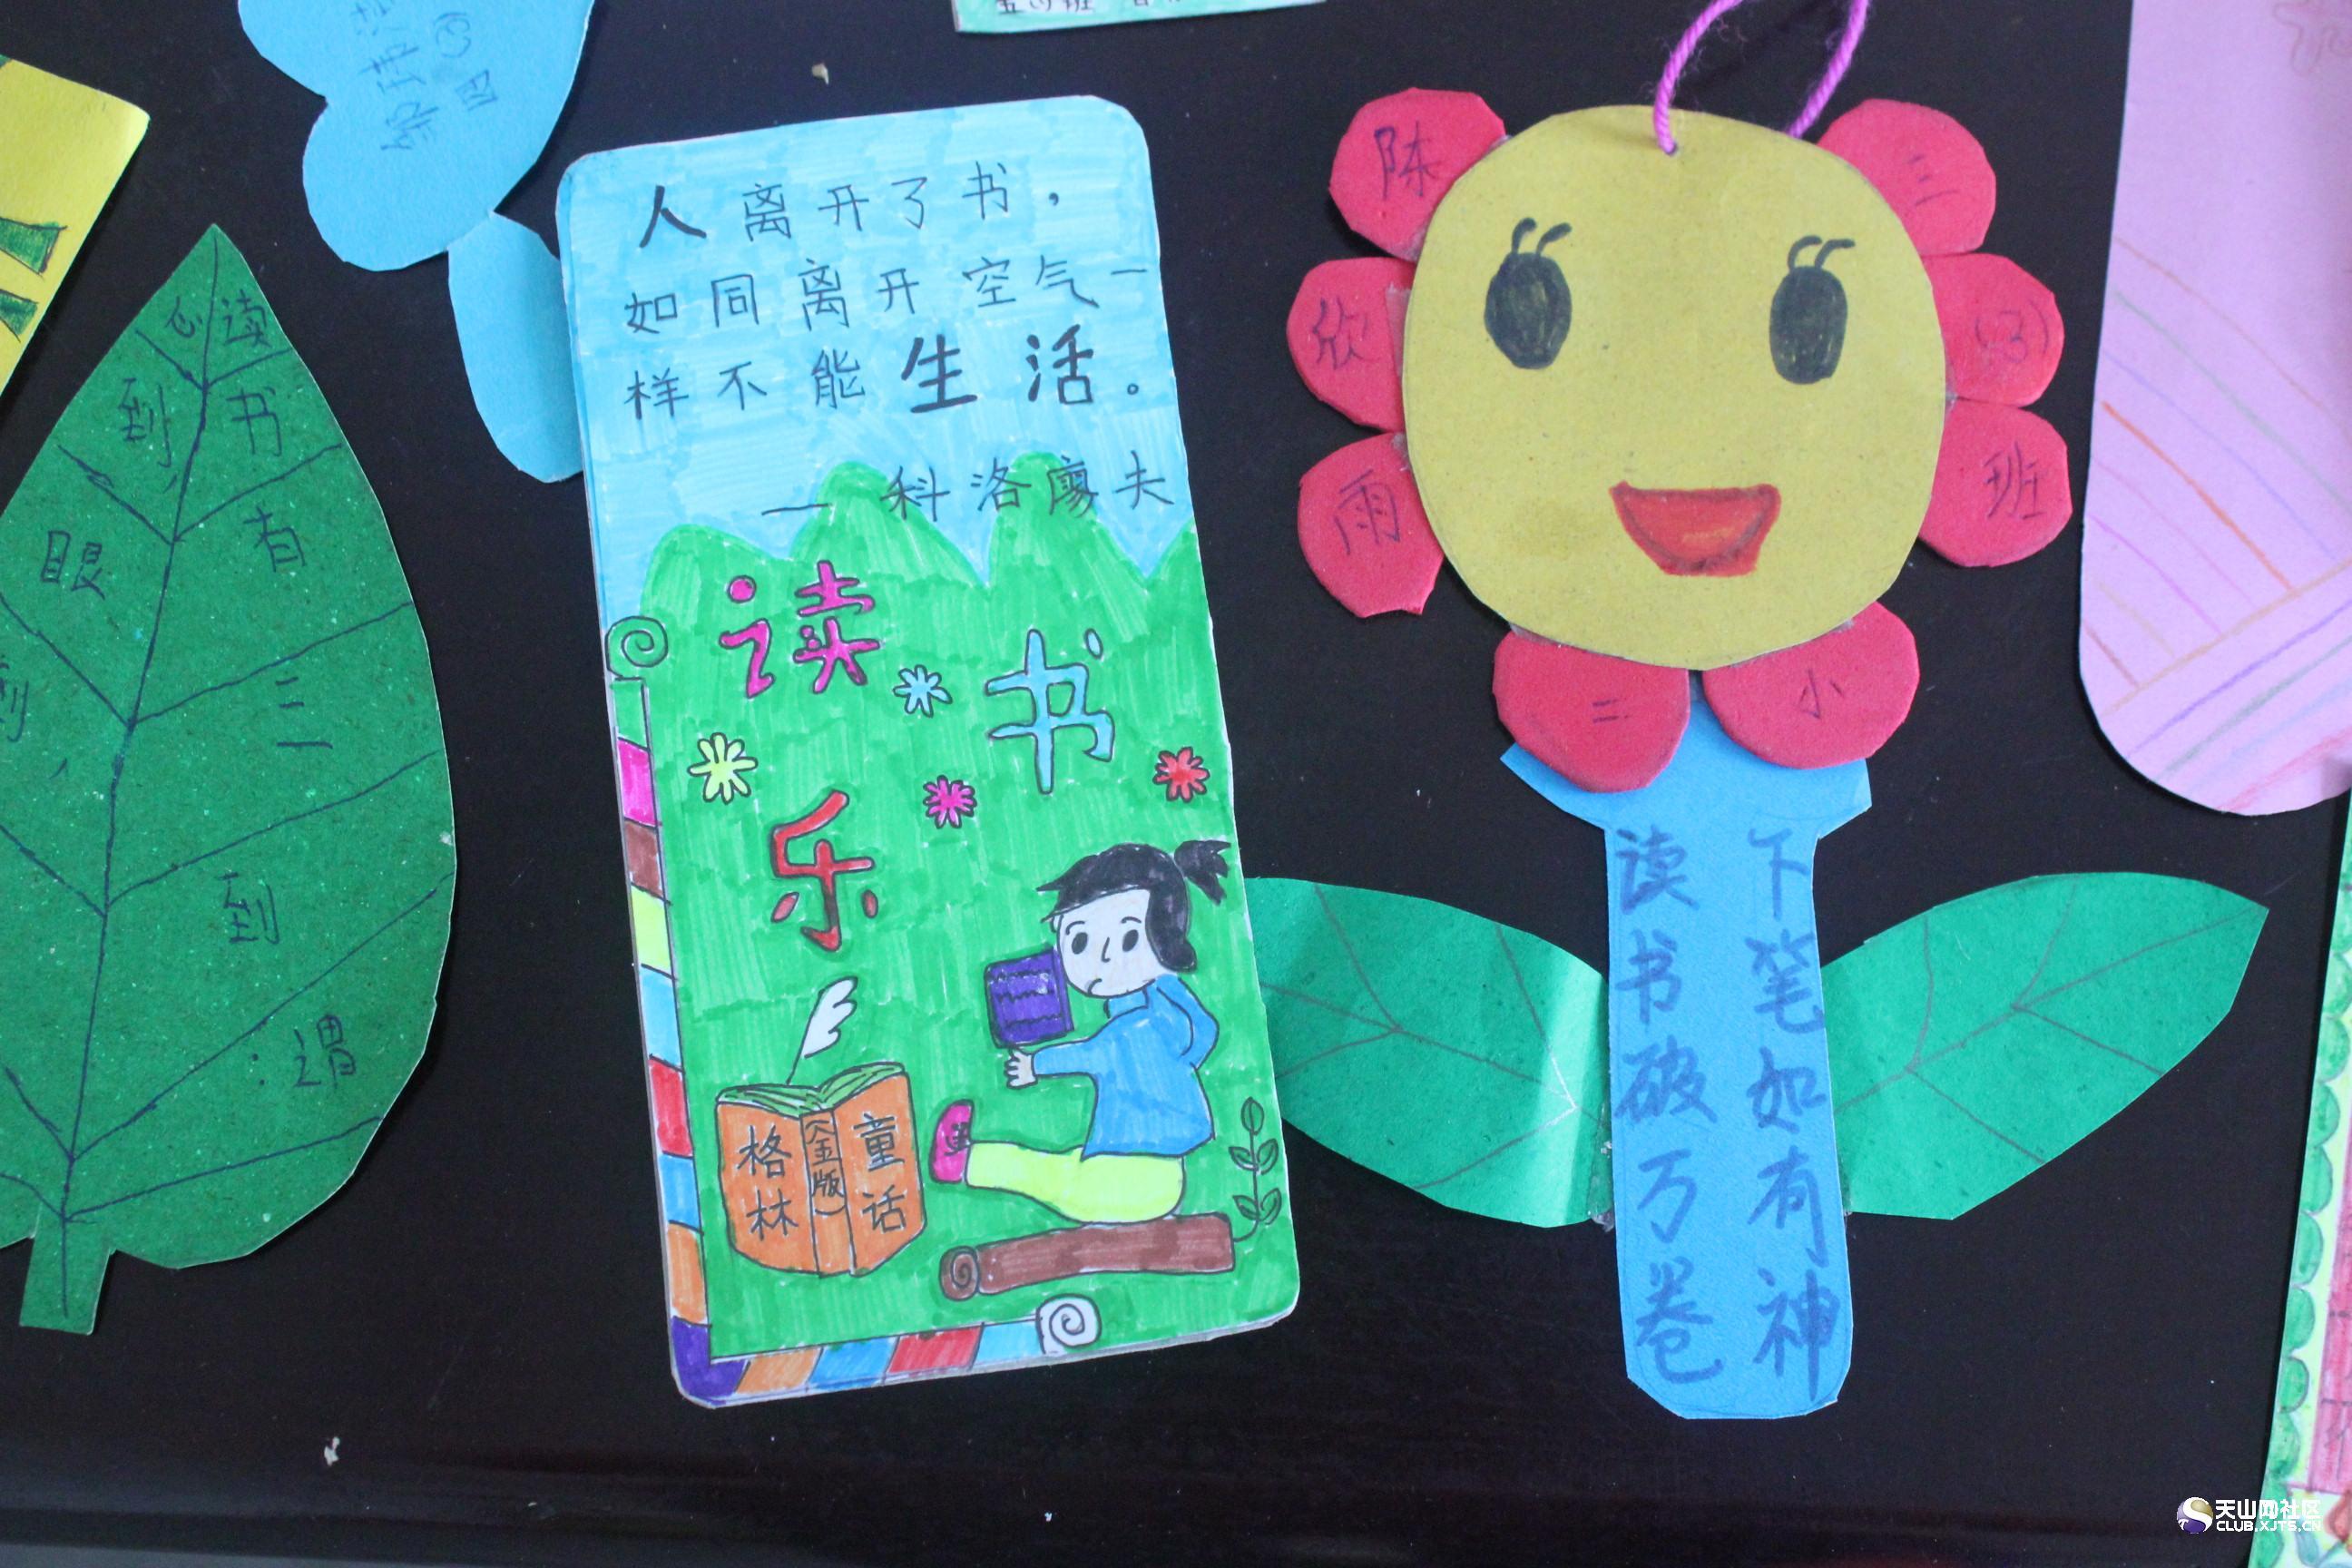 """健康成长""""的读书特色,近日,该校开展了以""""读书""""为主题的创意书签设计图片"""